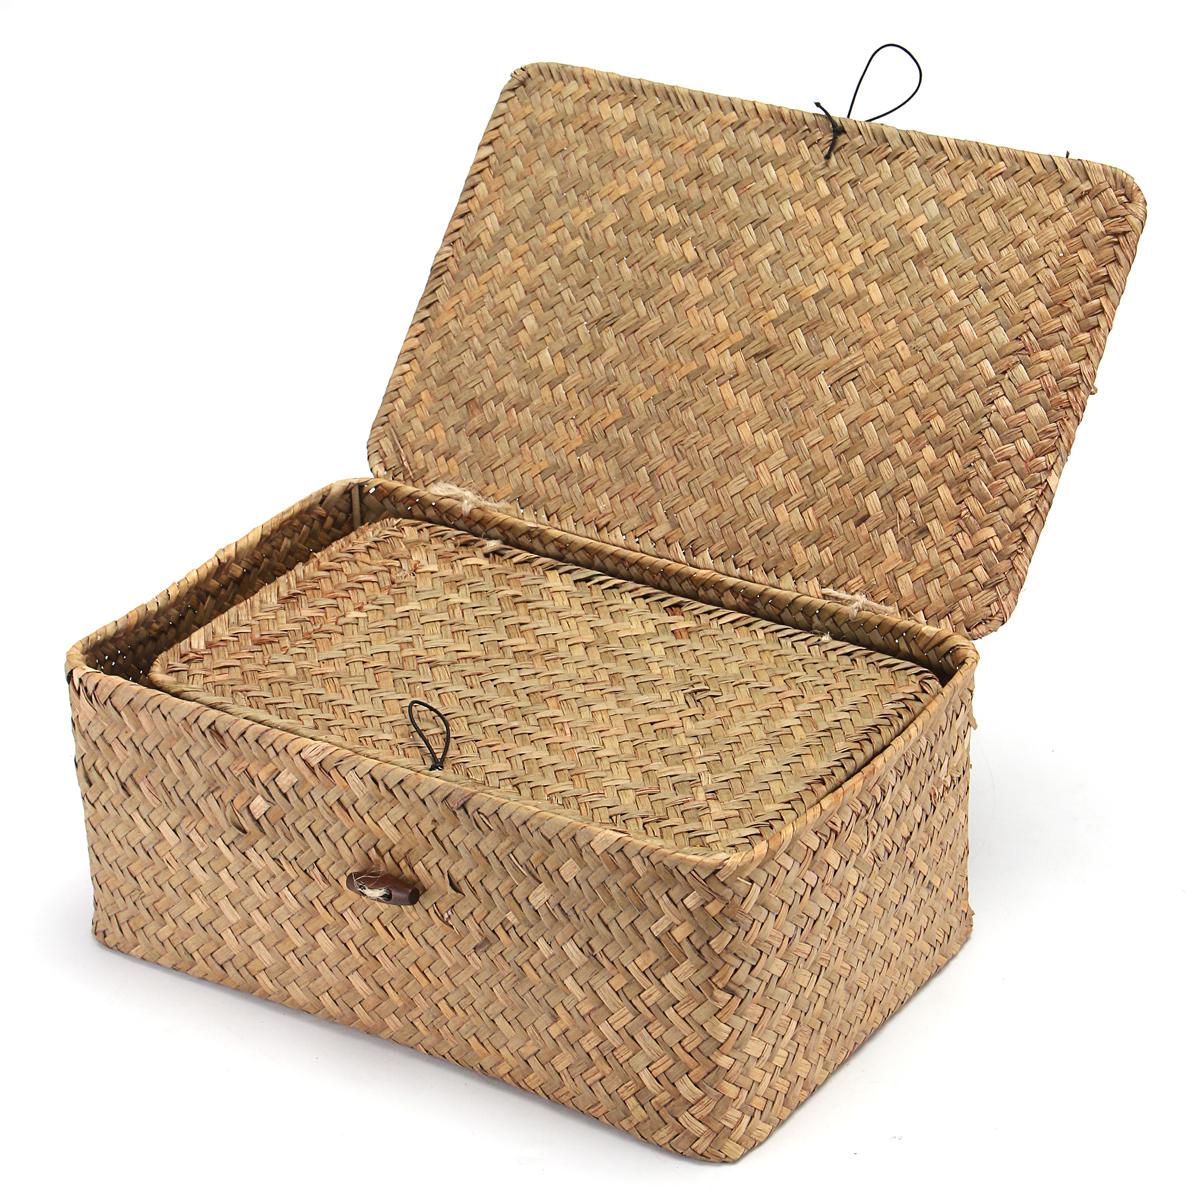 Wicker Woven Utility Storage Basket Box Organizer With Lid & Lock Multi-sized